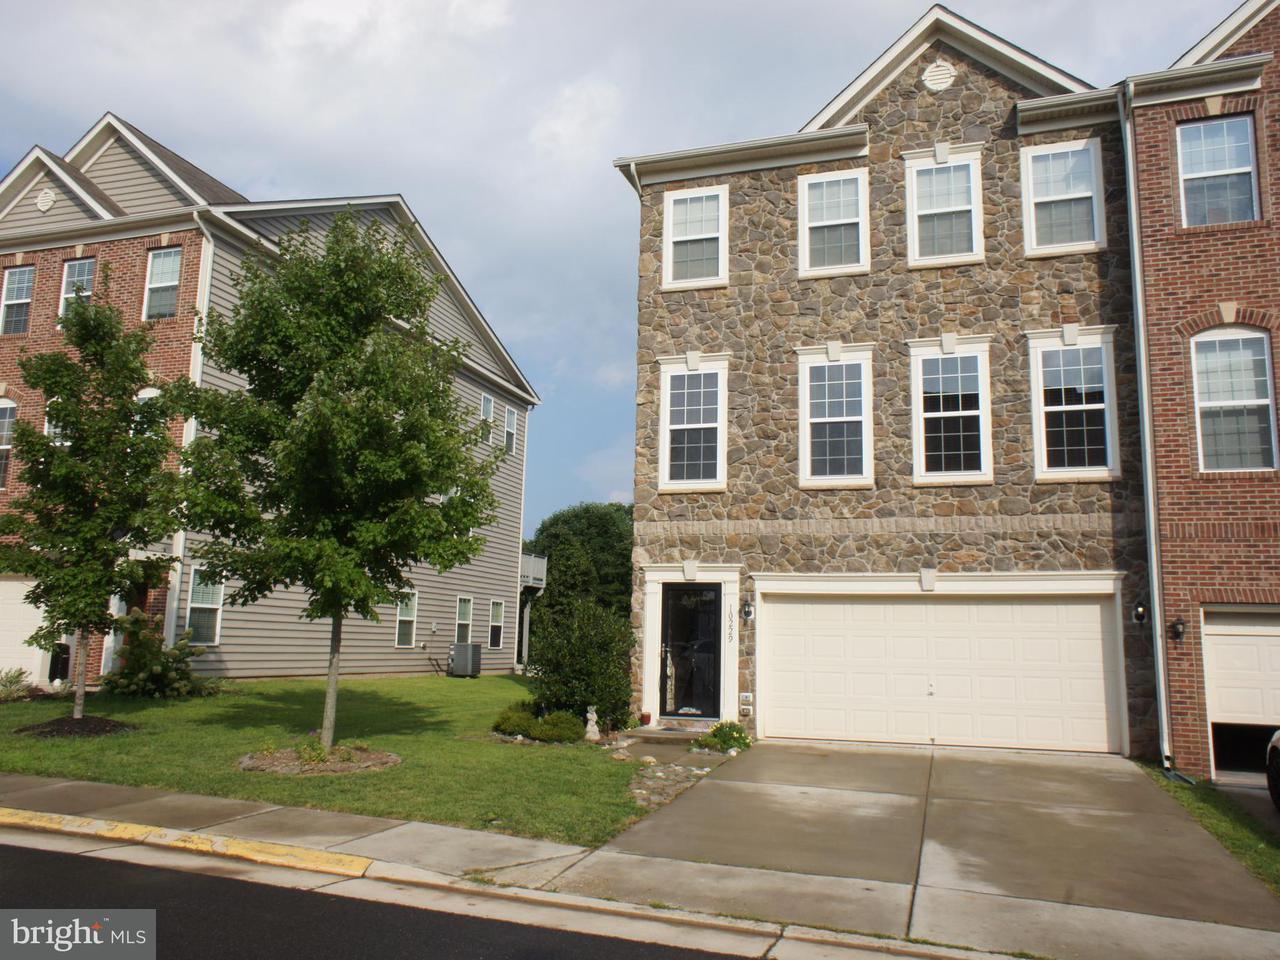 Σπίτι στην πόλη για την Πώληση στο 10229 FOUNTAIN Circle 10229 FOUNTAIN Circle Manassas, Βιρτζινια 20110 Ηνωμενεσ Πολιτειεσ